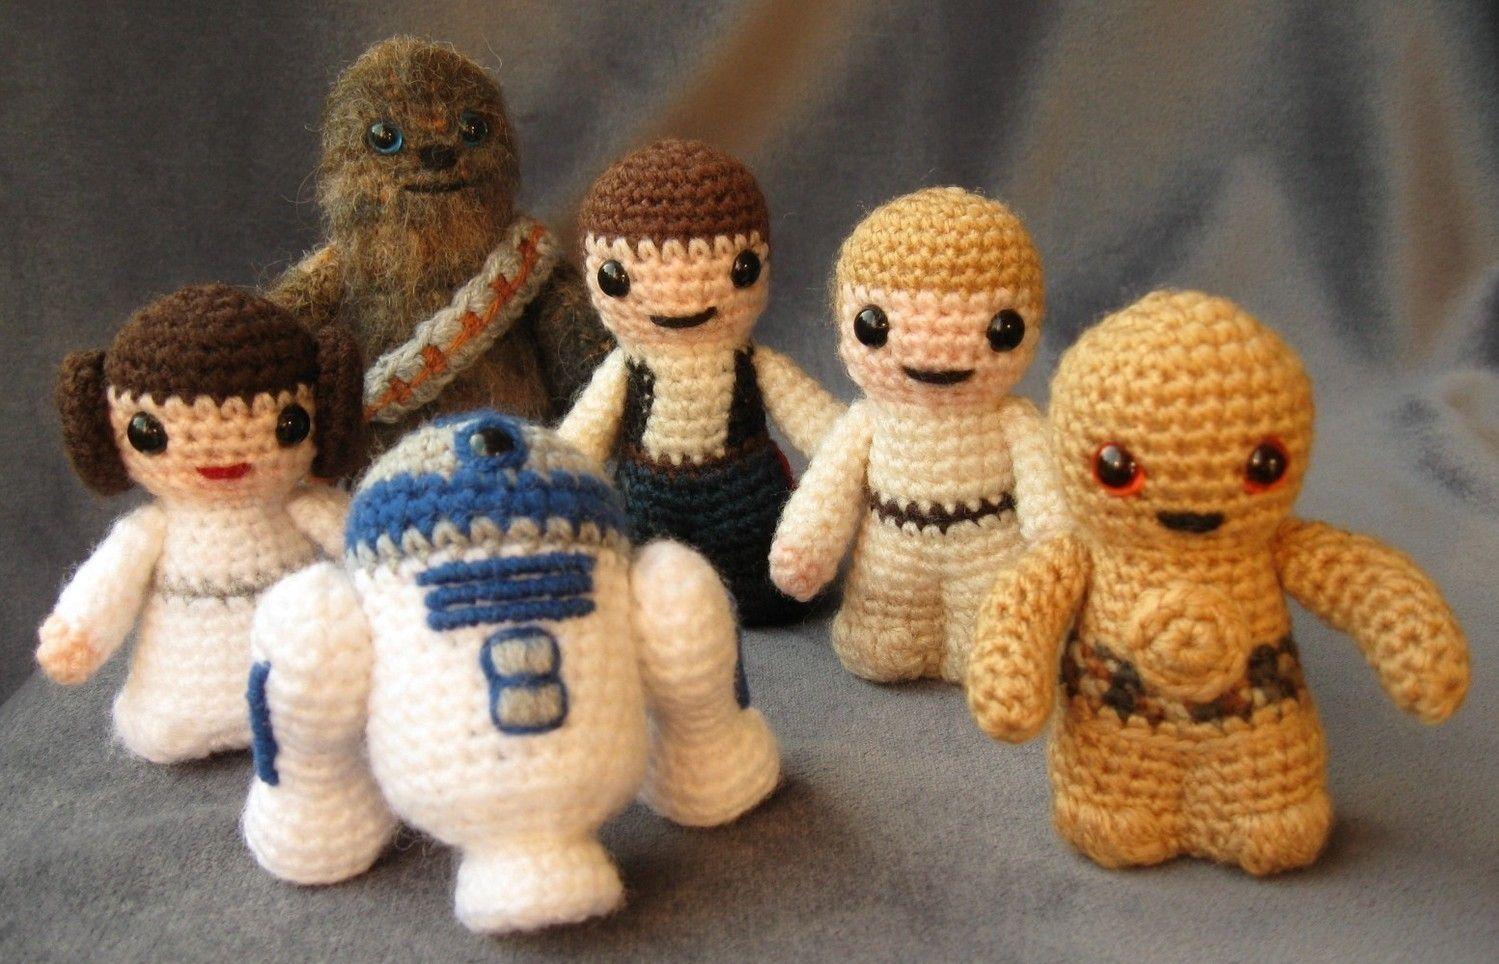 Amigurumi Star Wars Gratuit : Pdf of chewbacca star wars mini amigurumi pattern via